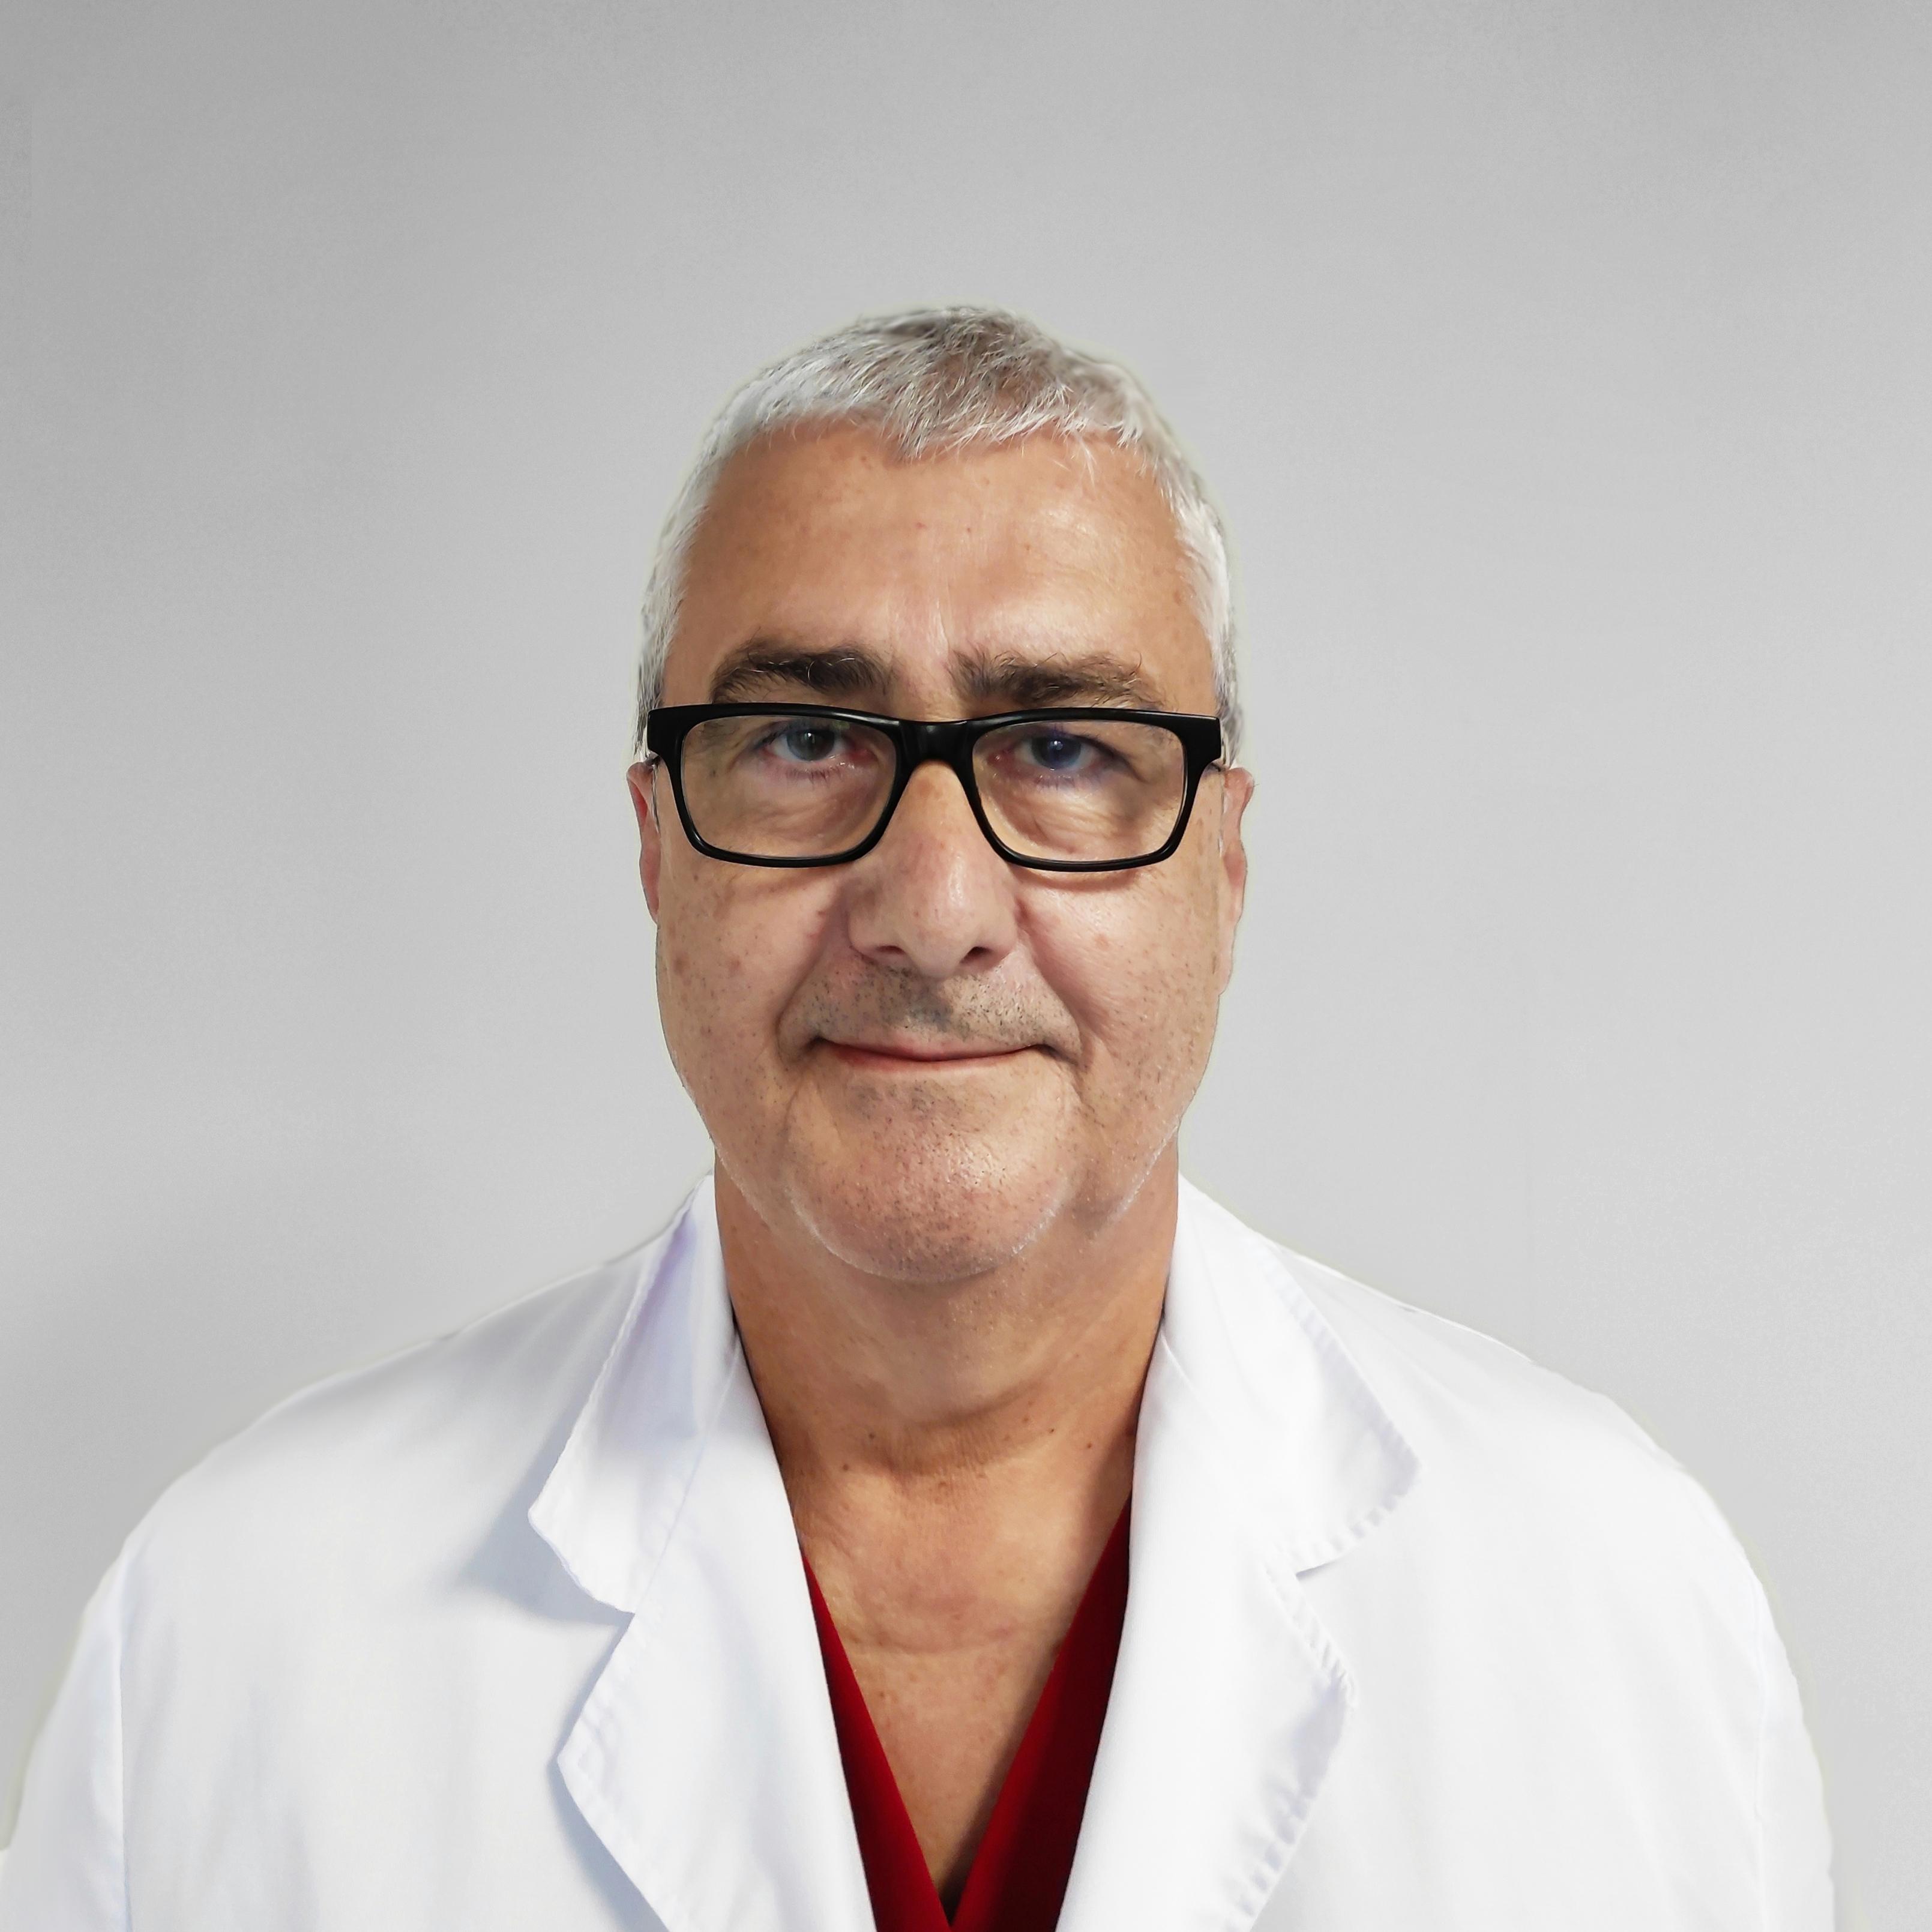 Juan Francisco López Rodríguez